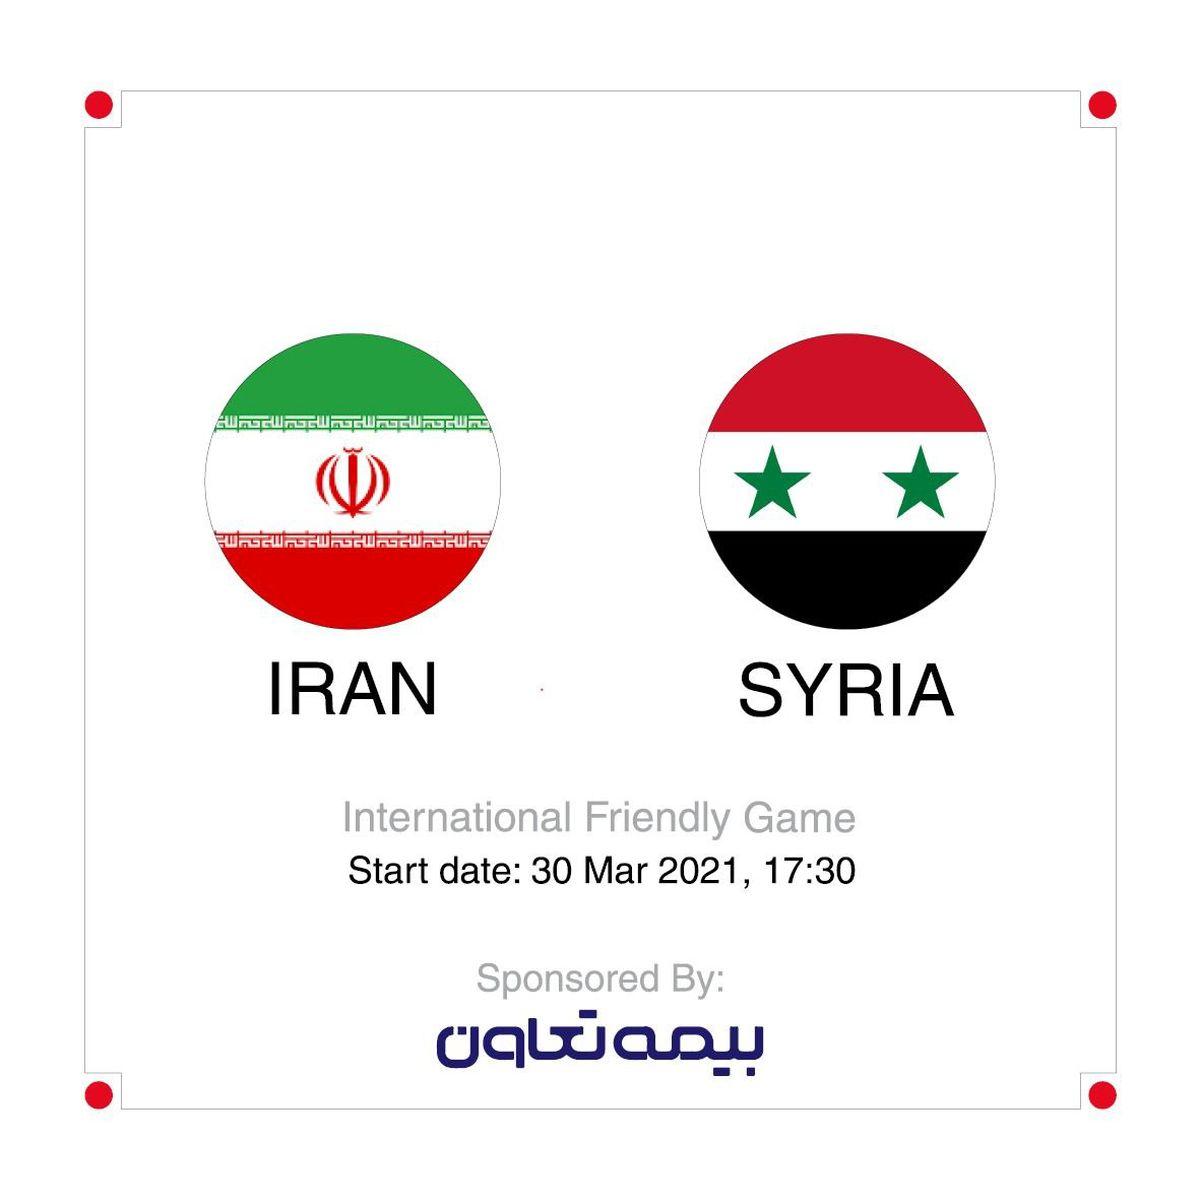 حضور بیمه تعاون در بازی ایران و سوریه